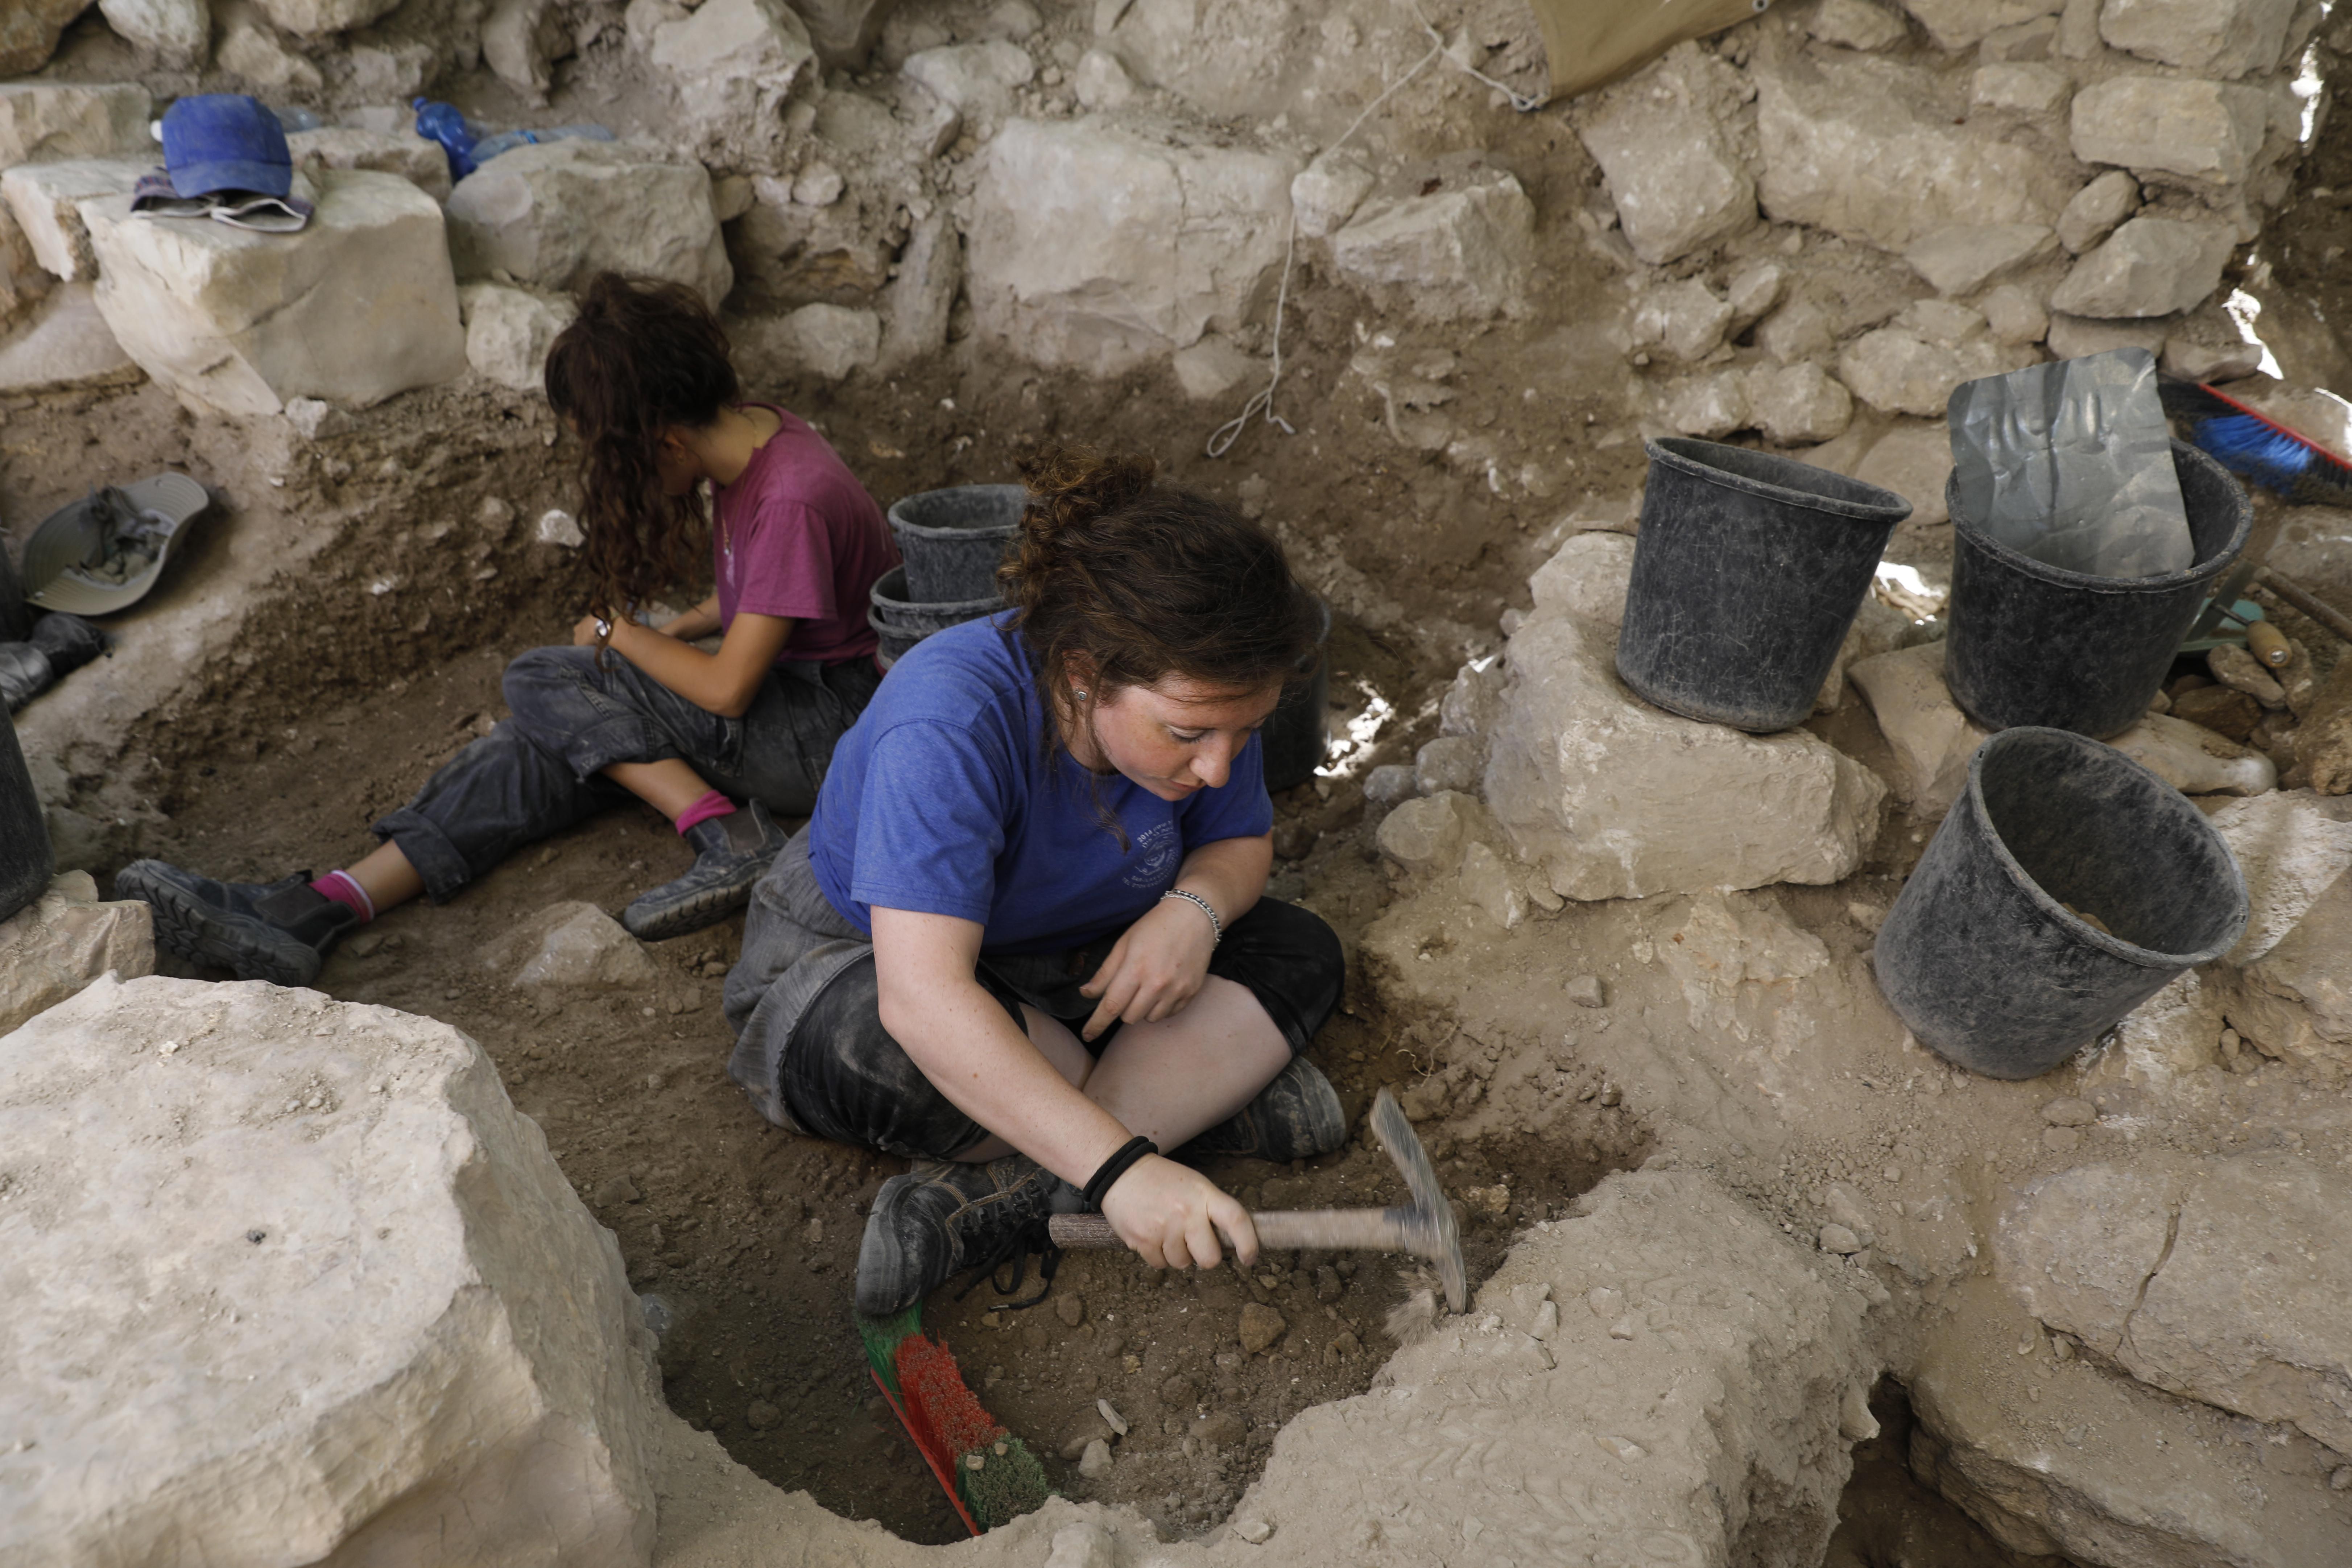 La Ciudad de David se encuentra a los pies de la muralla de la Ciudad Vieja en Silwan, un barrio palestino de Jerusalén Este. Es un sitio donde se realizan excavaciones israelíes intensivas